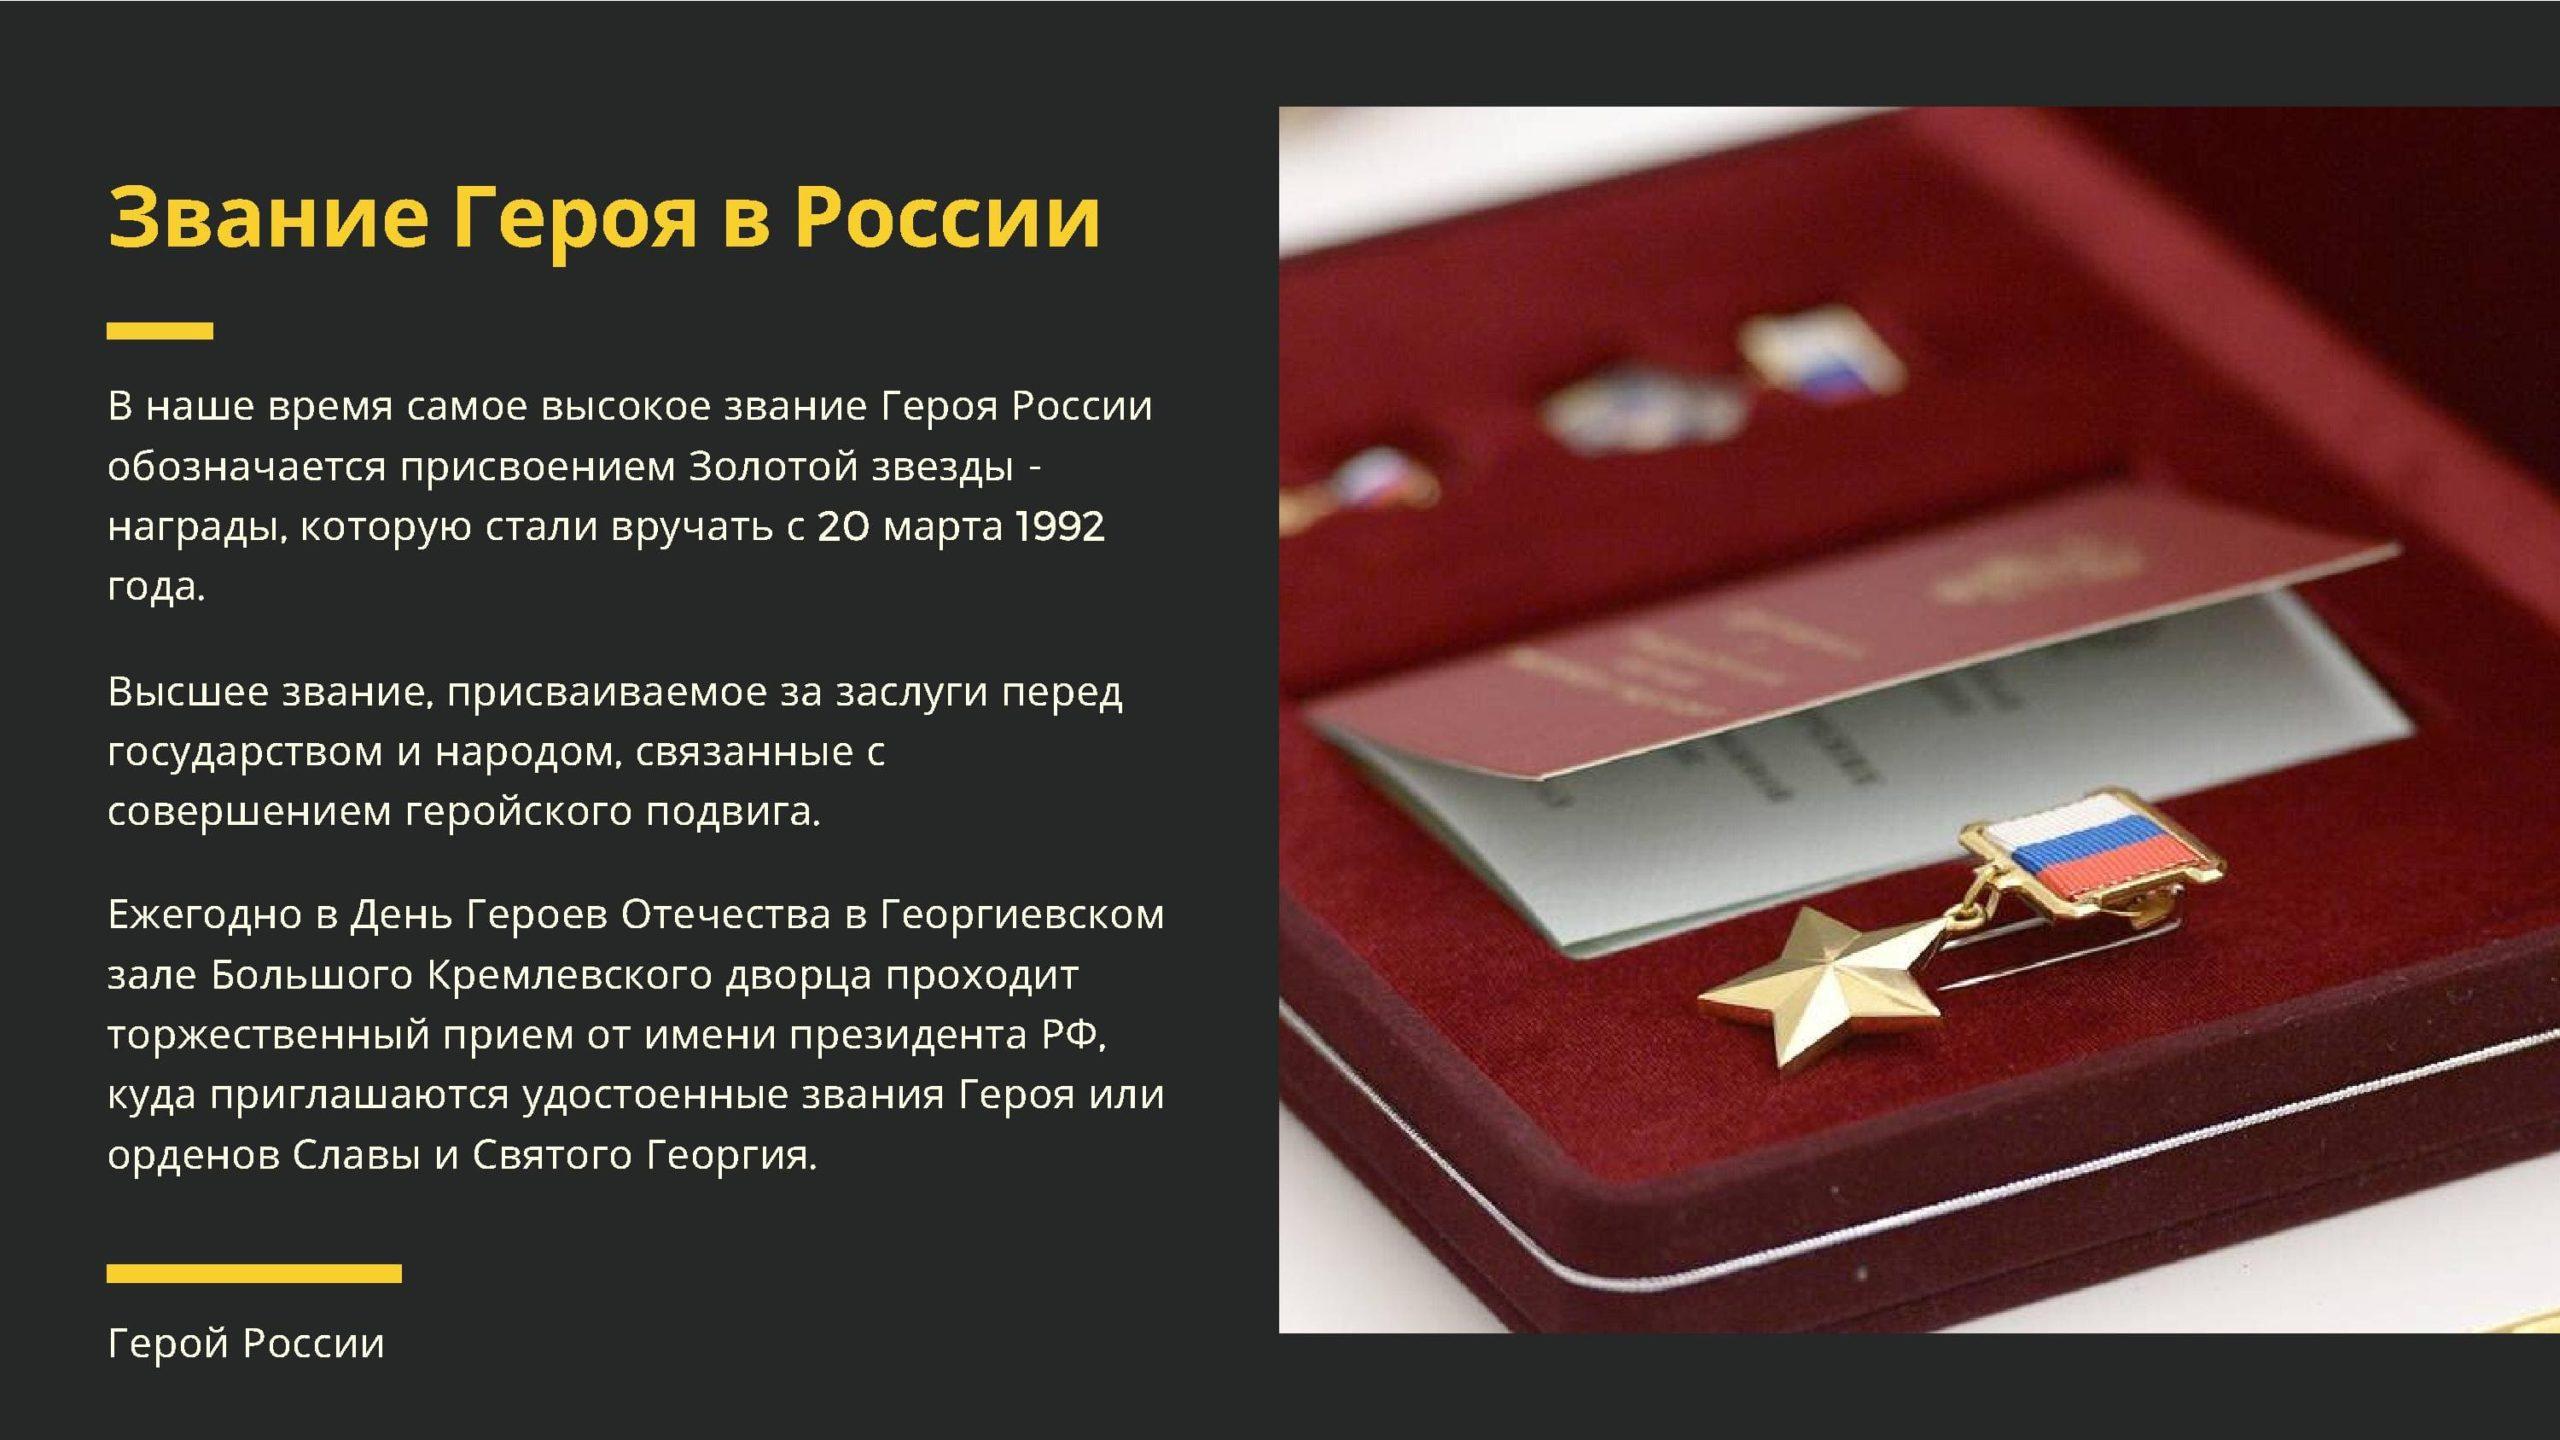 Звание Героя в России